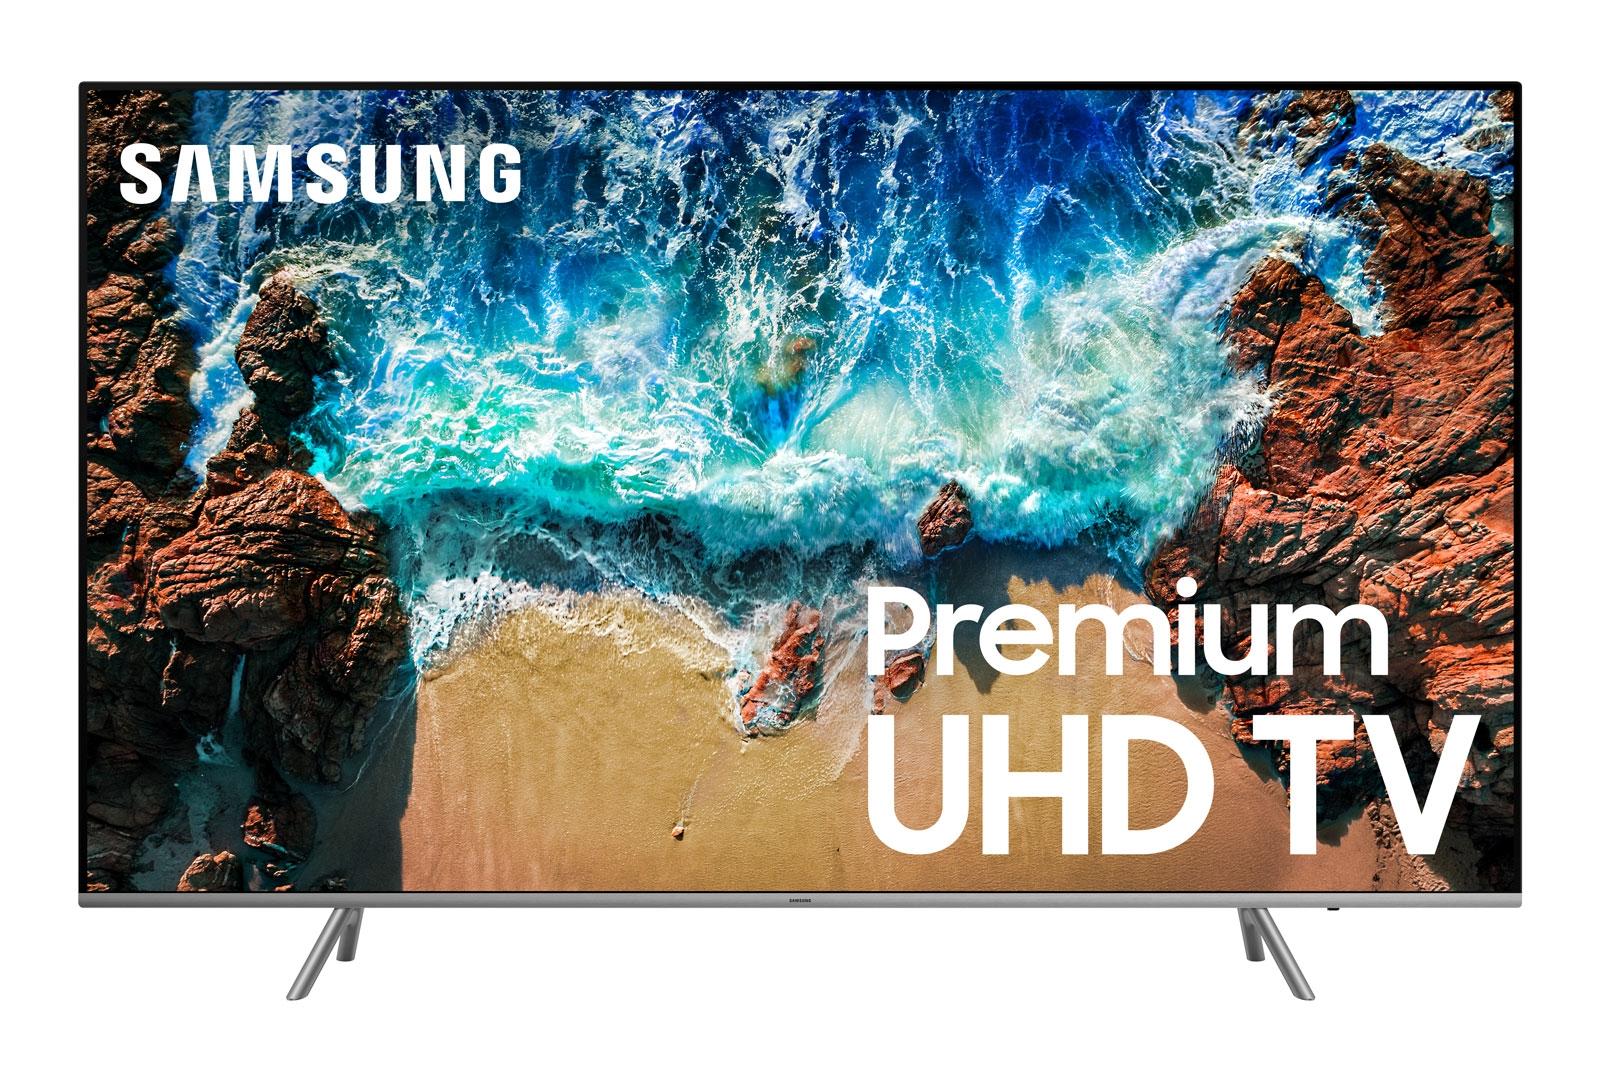 Samsung UN55ES6550F LED TV 64 BIT